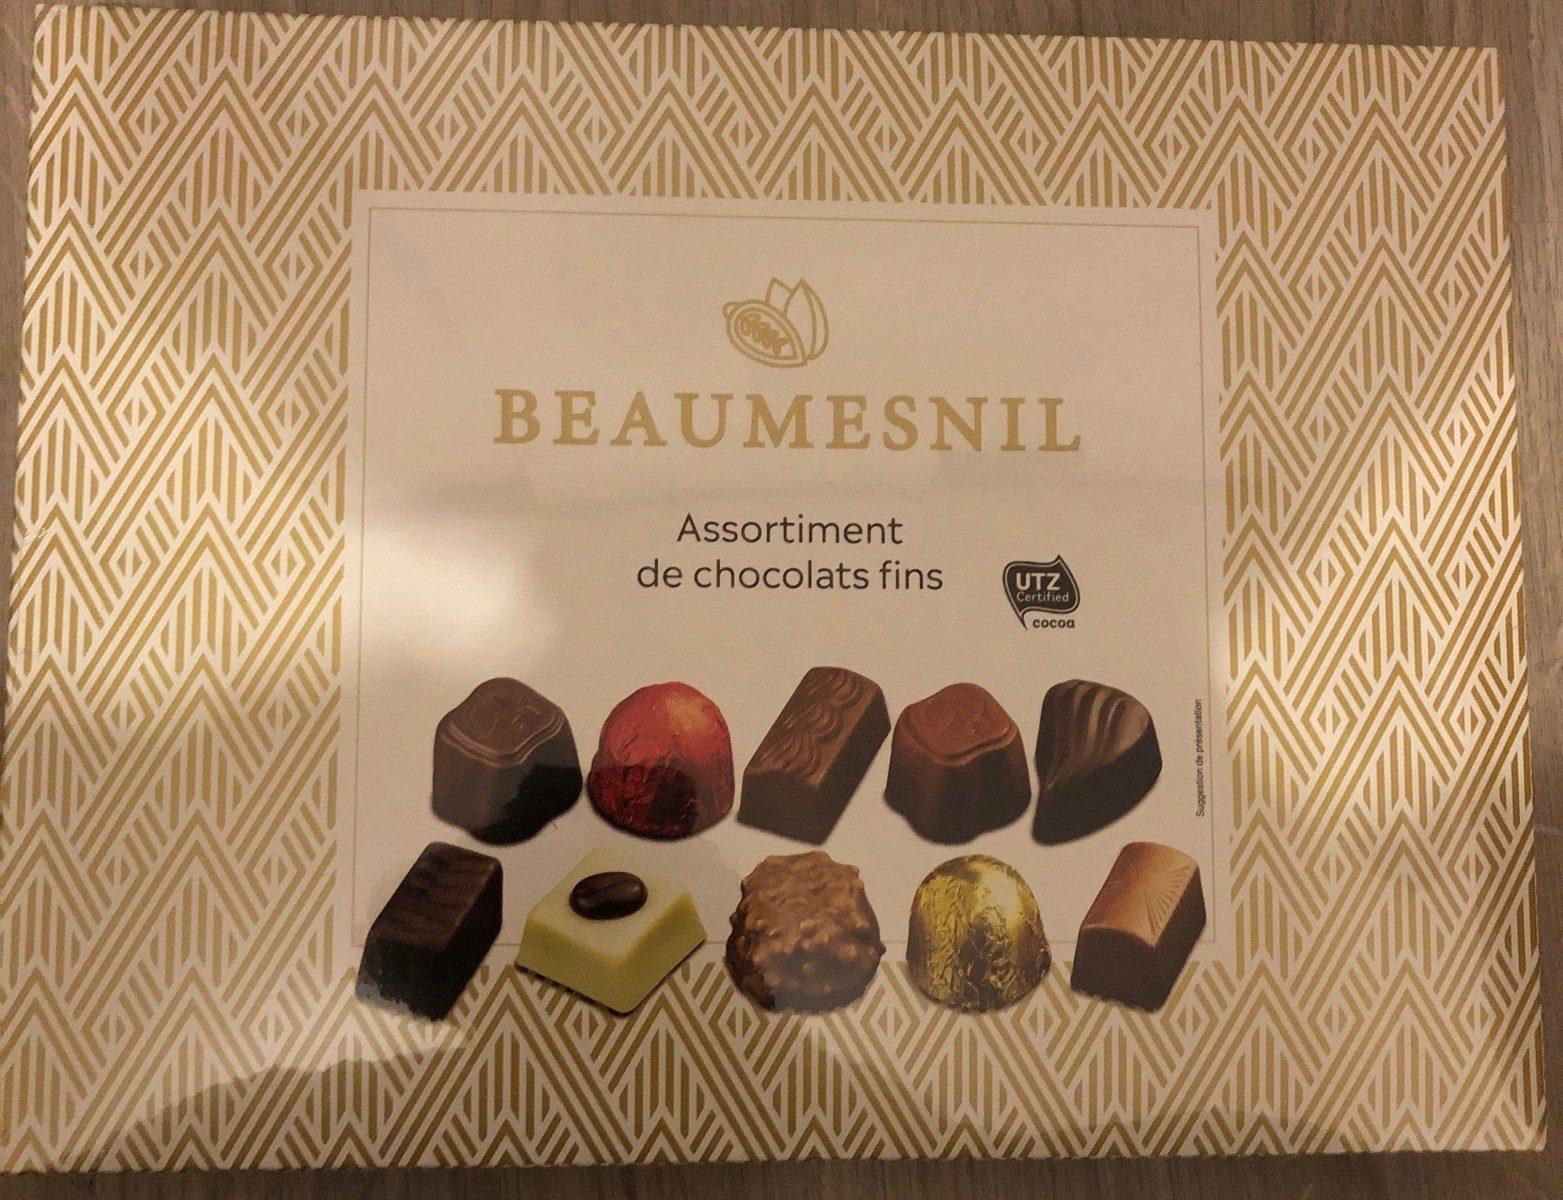 Assortiment de chocolats fins - Product